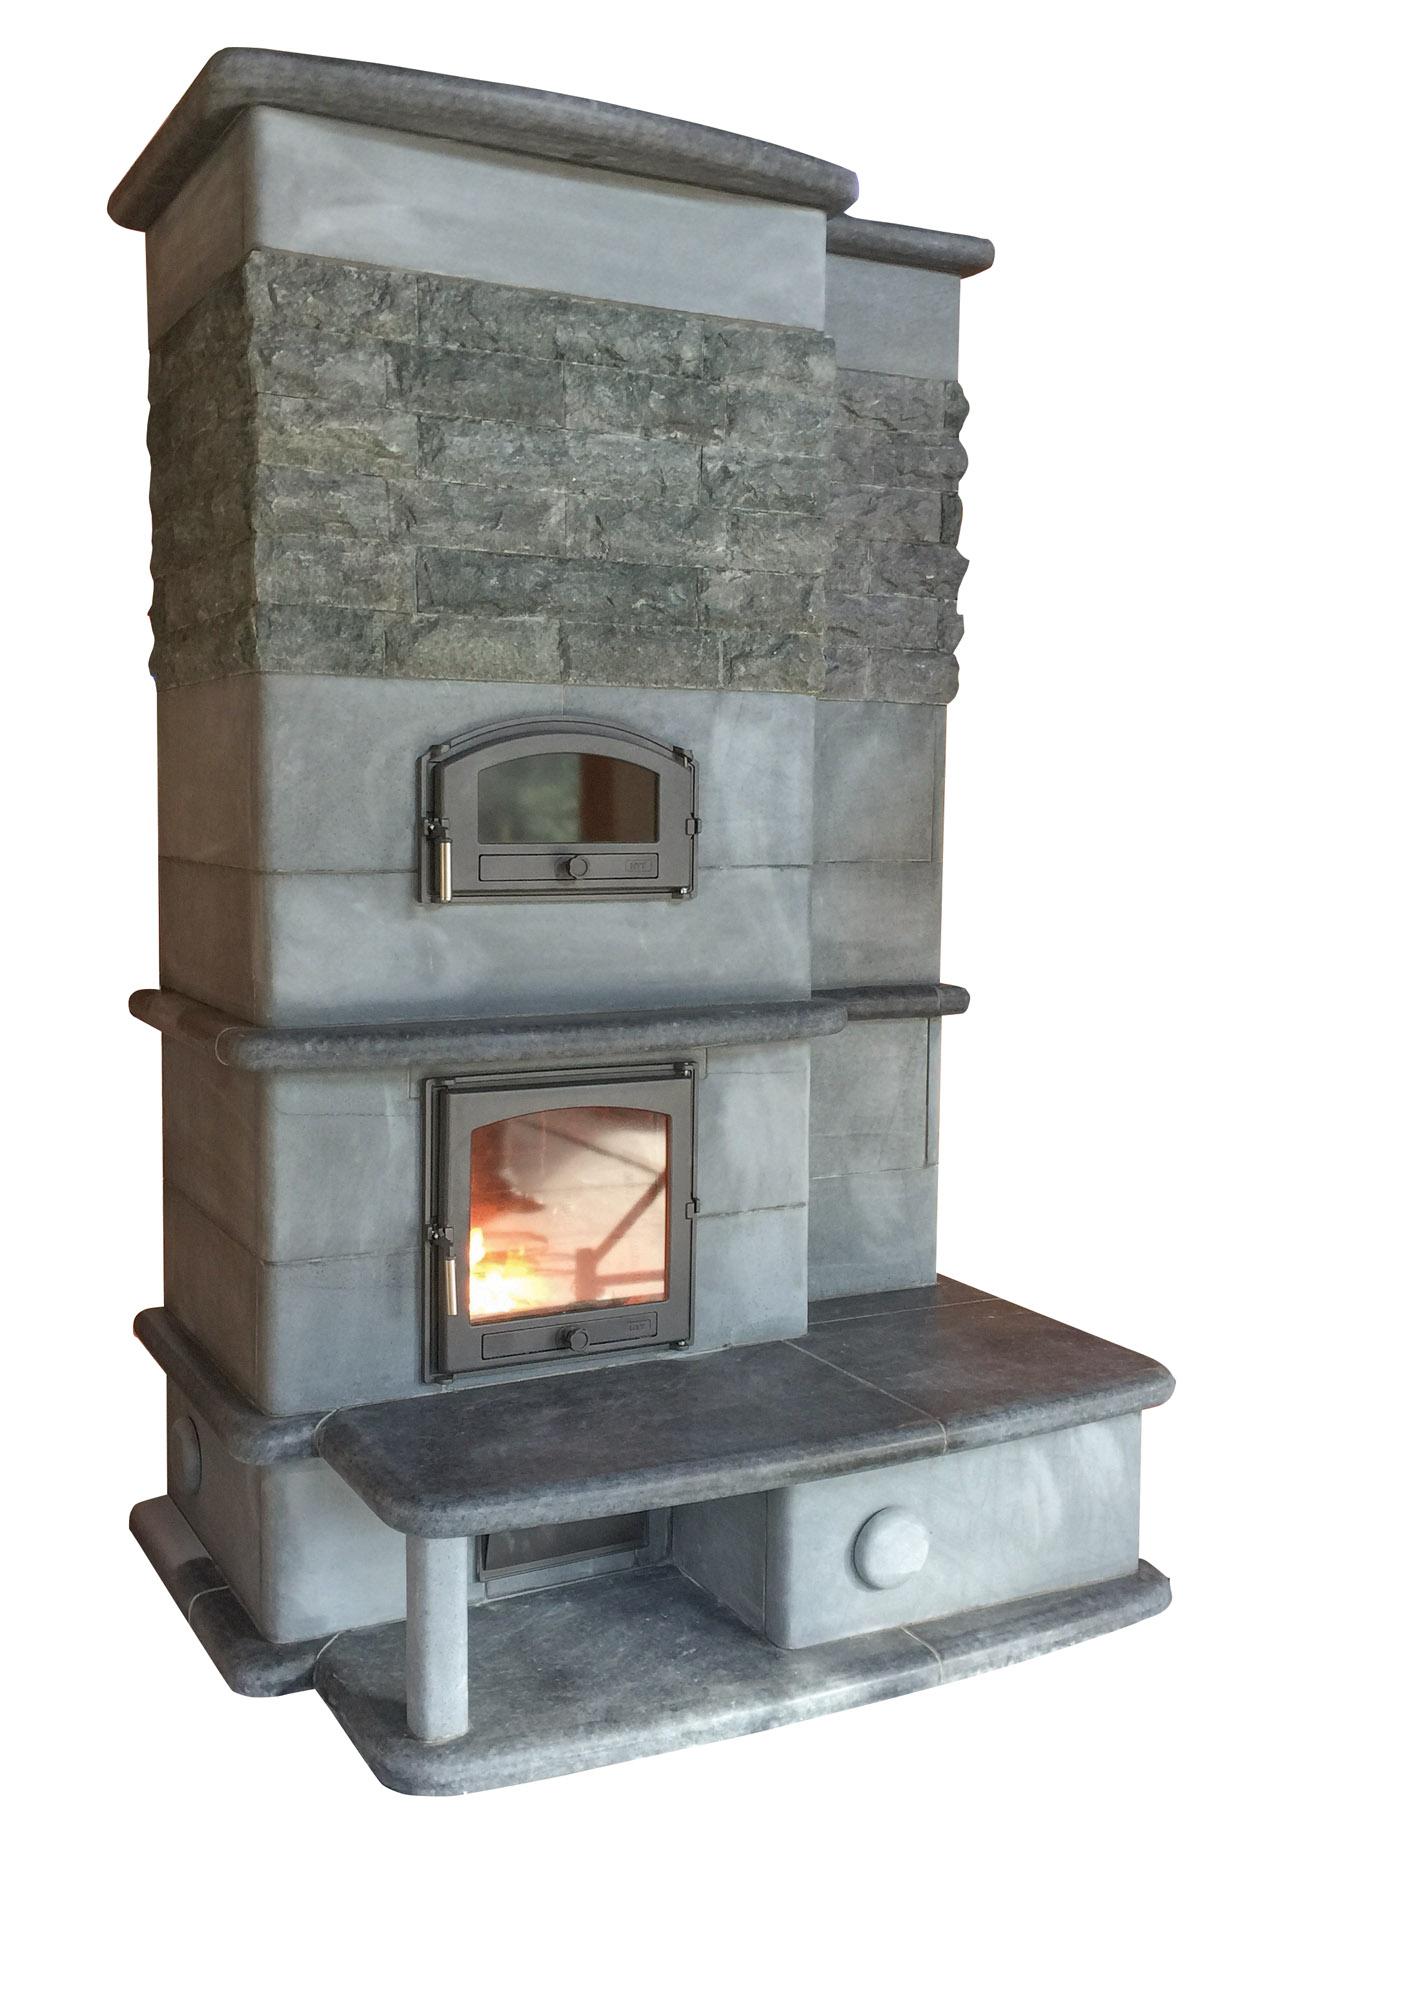 Sinatra Cuisine masonry heater